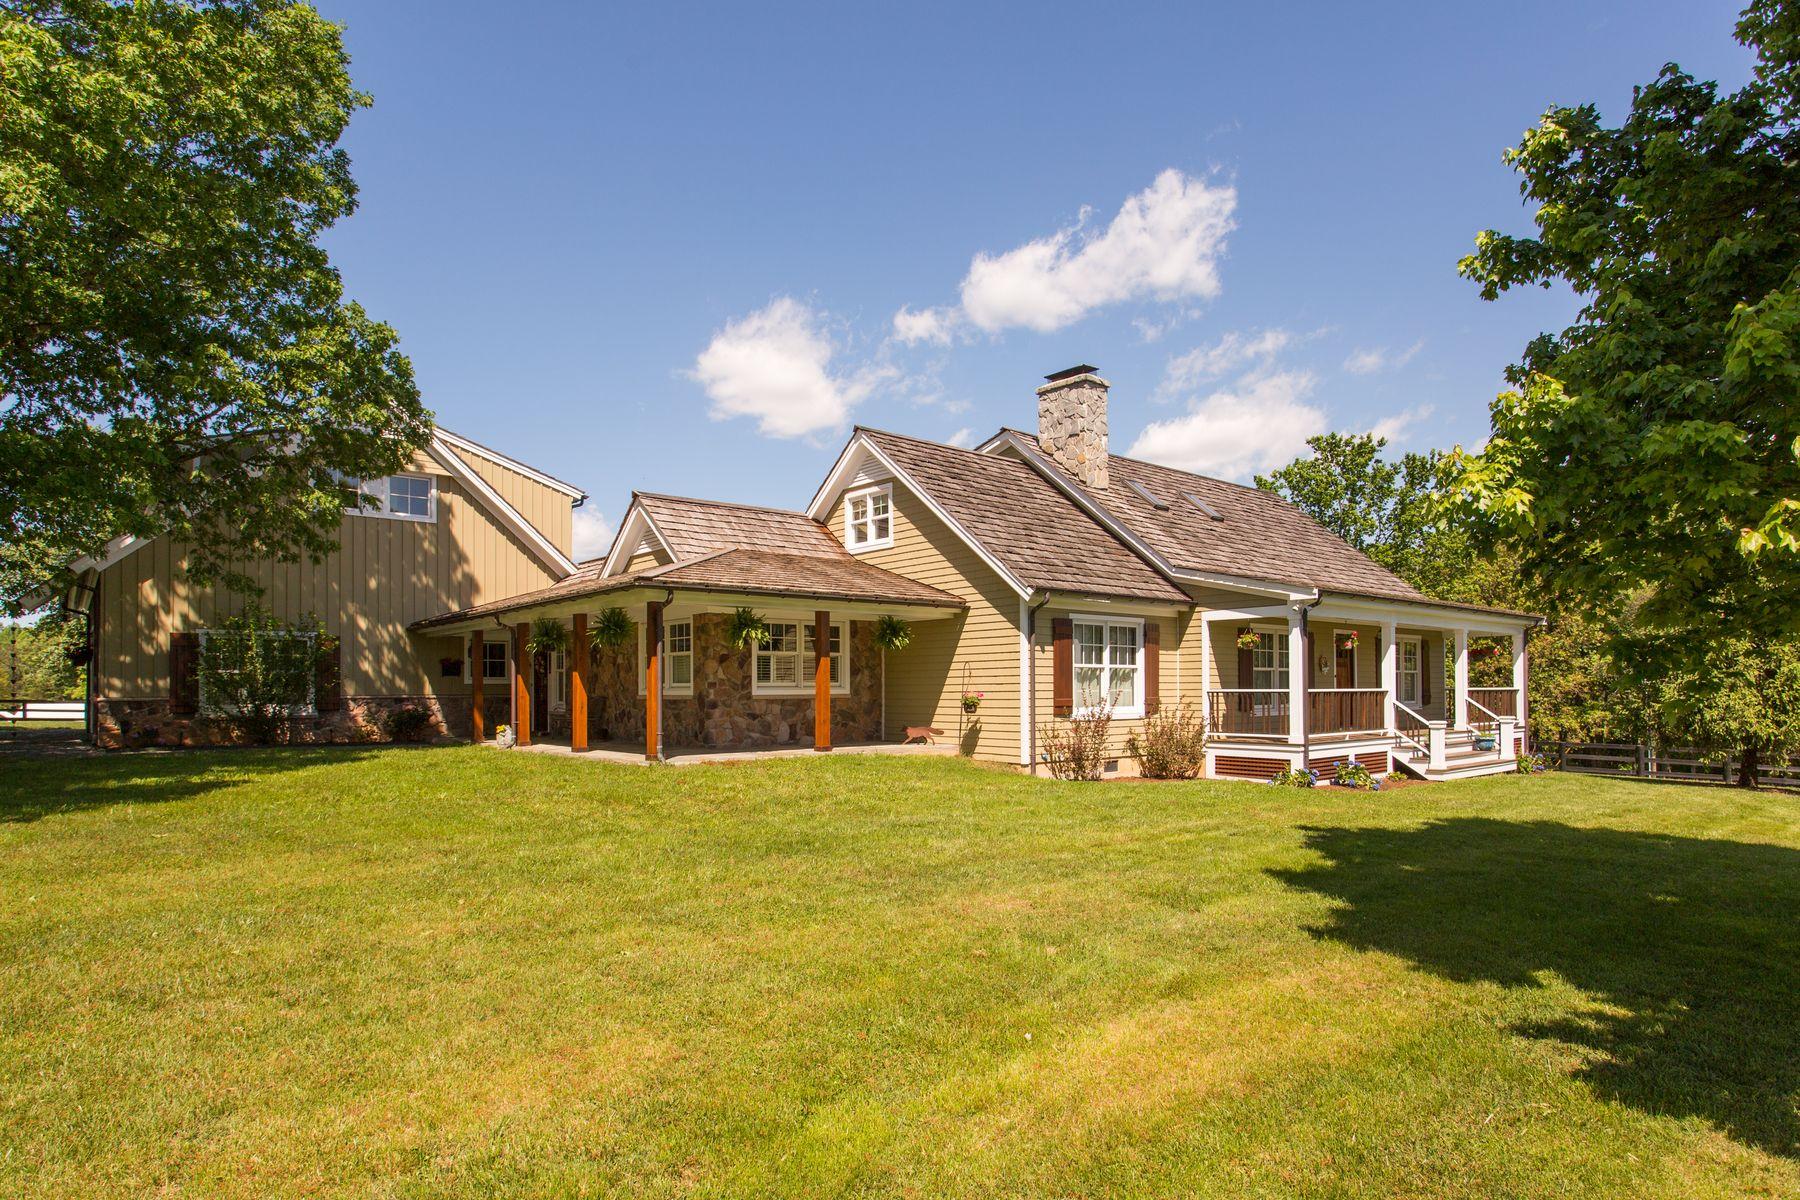 一戸建て のために 売買 アット 4410 Foxcroft Farm Keswick, バージニア, 22947 アメリカ合衆国で/アラウンド: Charlottesville